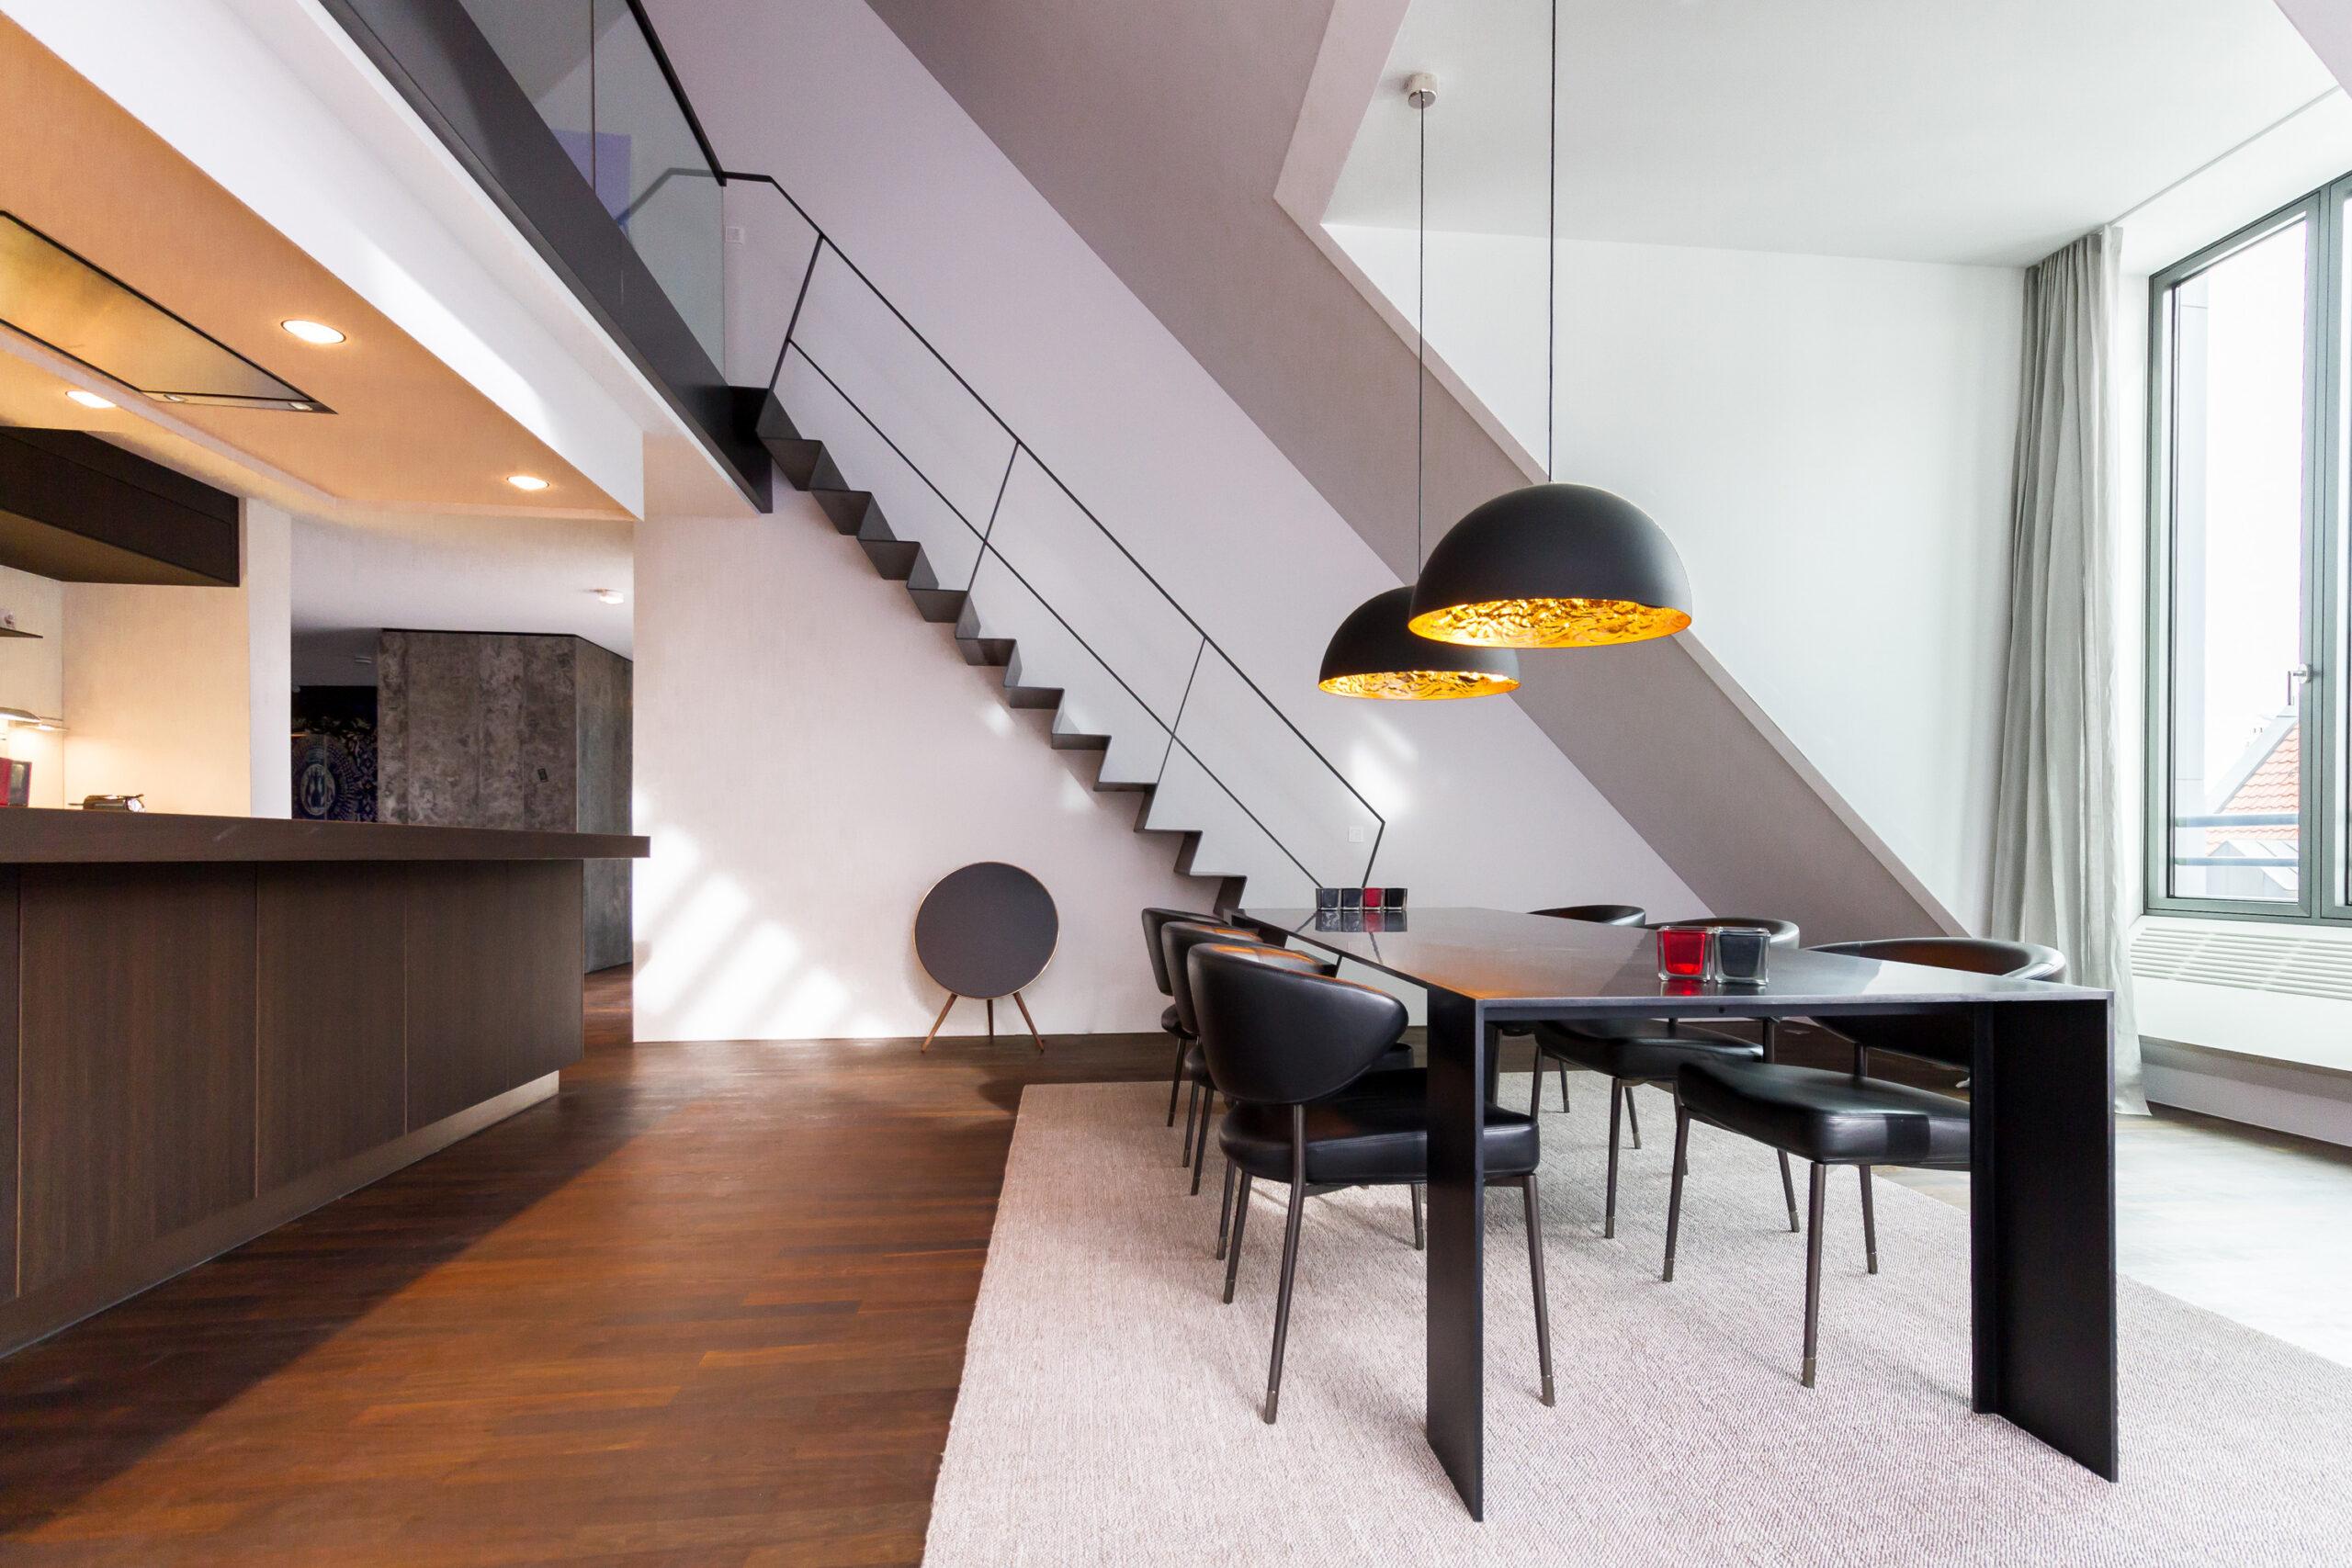 Full Size of Dachgeschosswohnung Einrichten Umbau Einer Muenchenarchitektur Badezimmer Kleine Küche Wohnzimmer Dachgeschosswohnung Einrichten